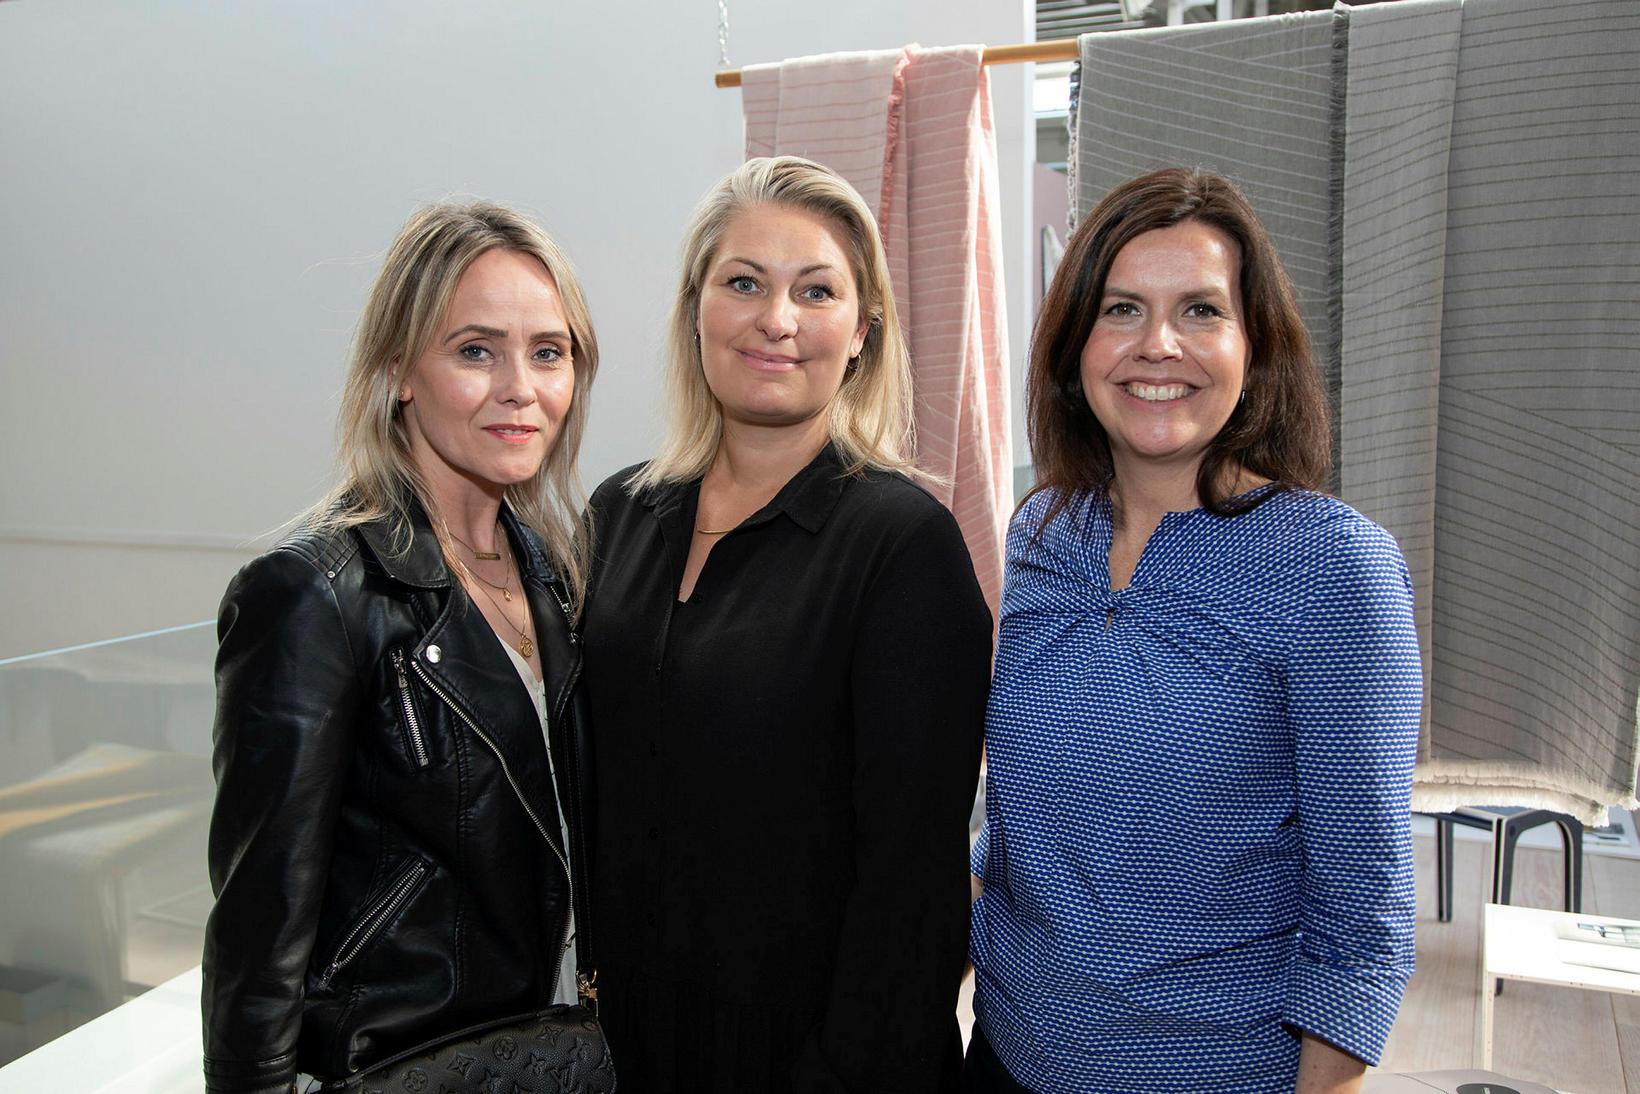 Helga Björt Ingadóttir, Iðunn Brynja Sveinsdóttir og Ingibjörg Hanna Bjarnadóttir.